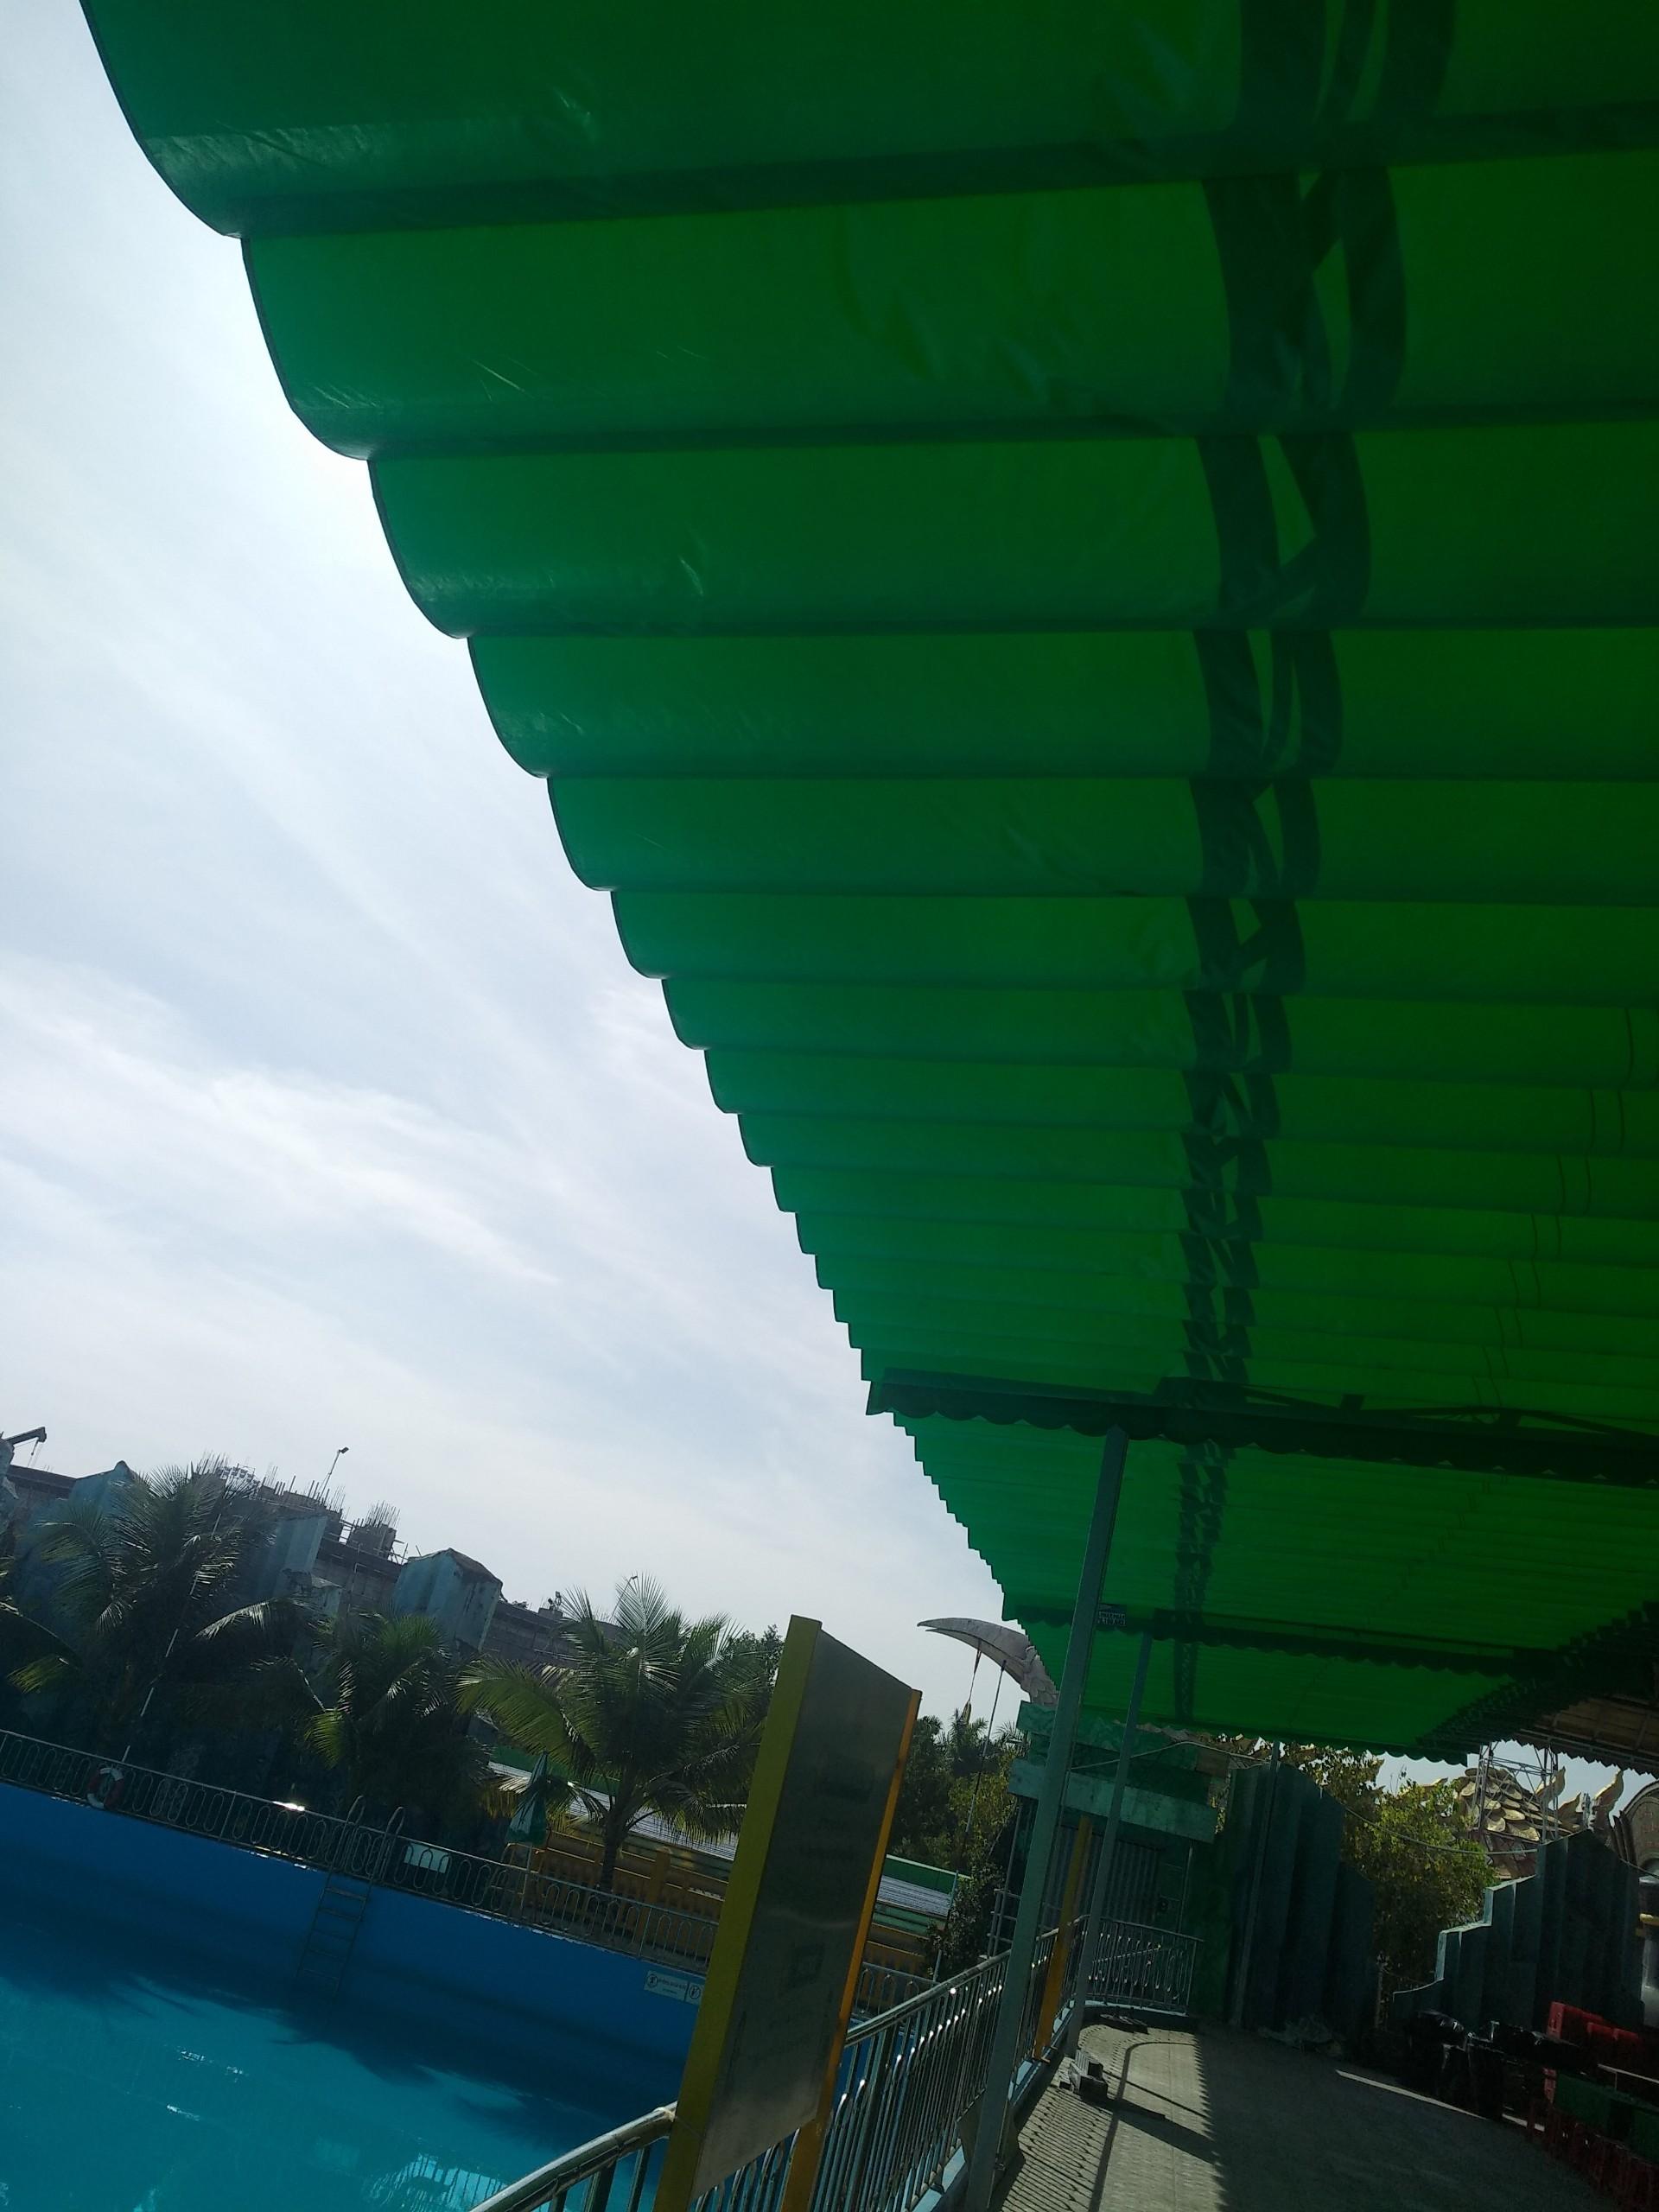 Lắp đặt mái che di động, mái bạt xếp, mái bạt lùa kéo sóng tại tp cần thơ